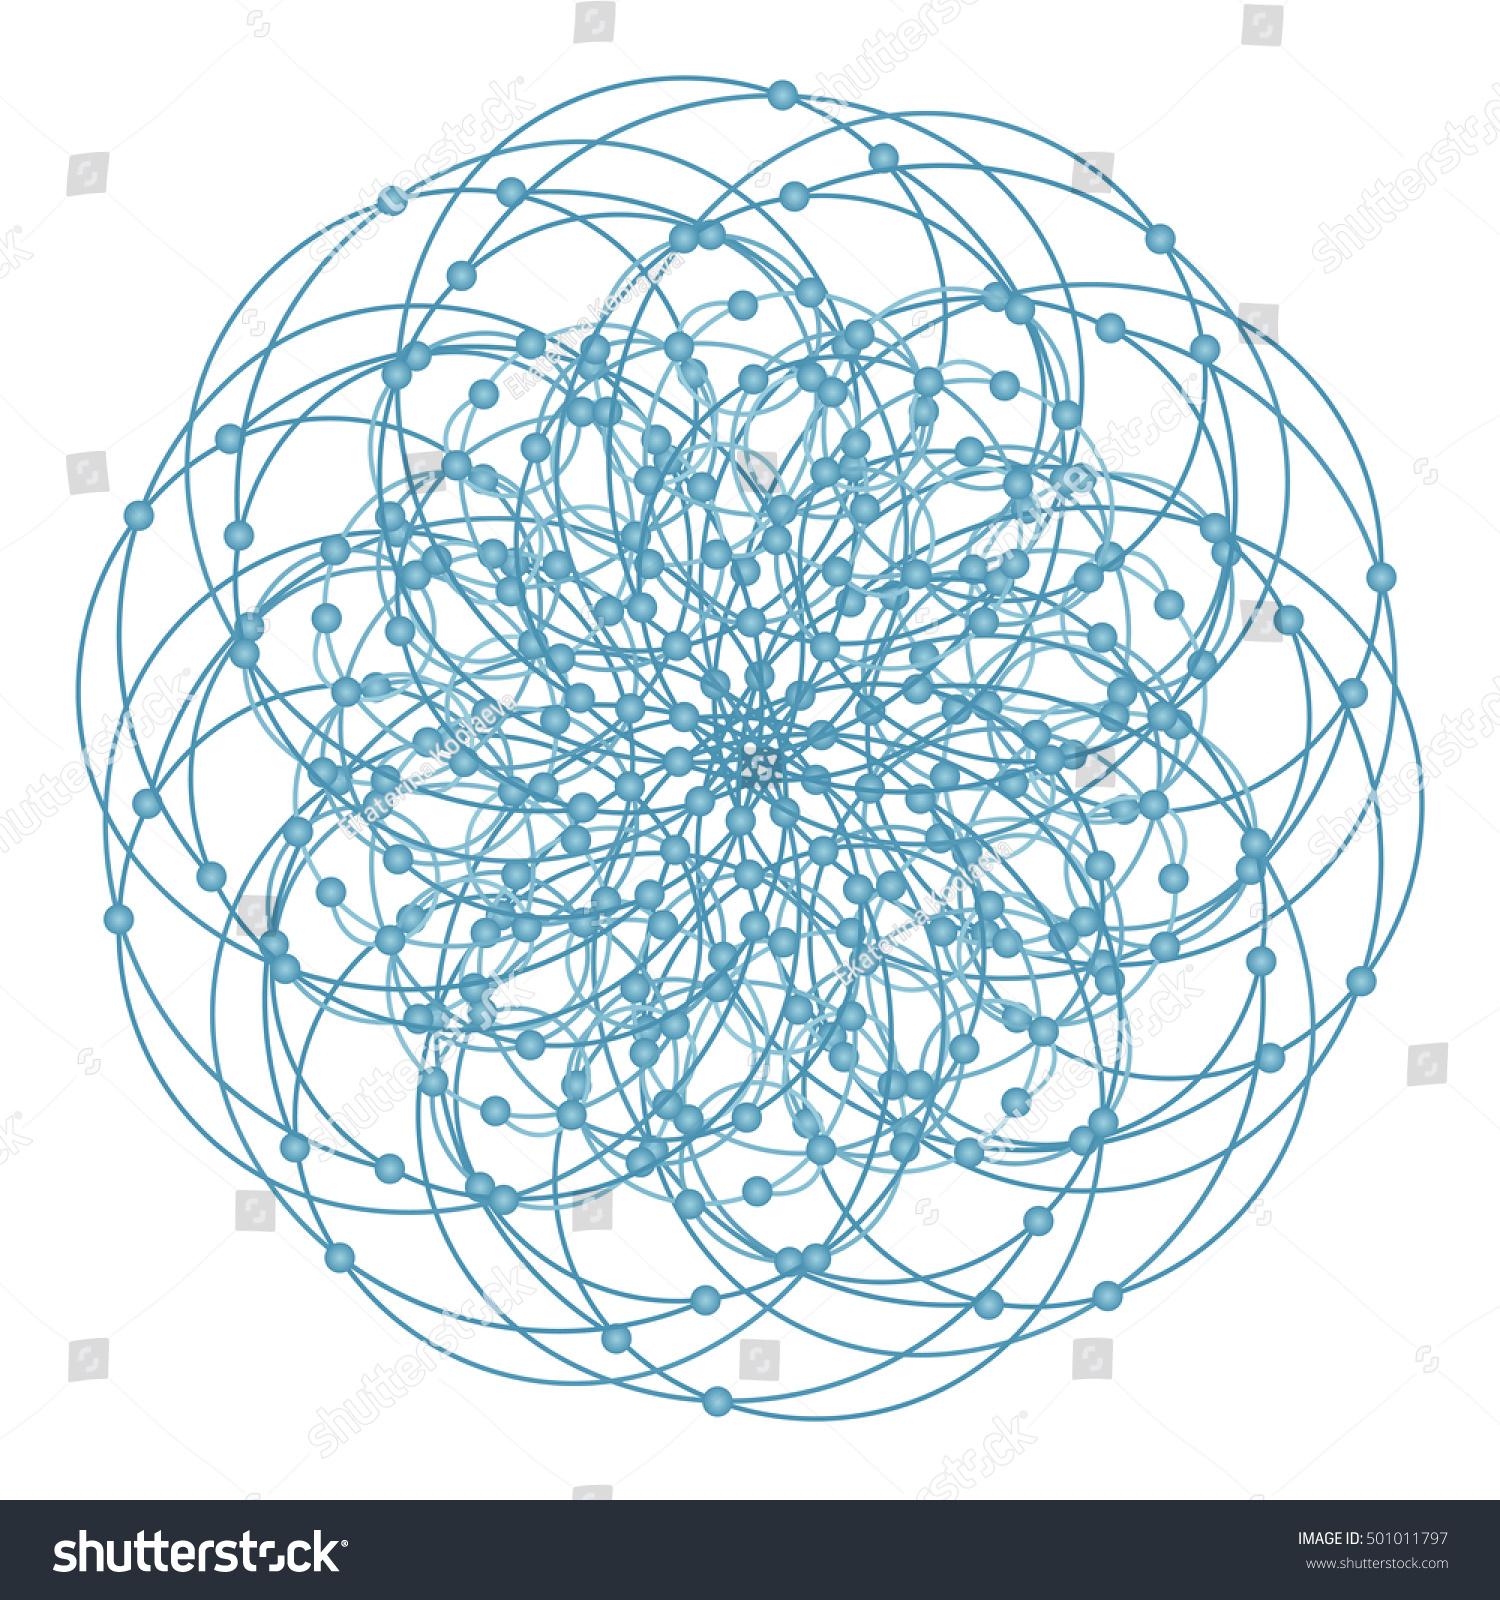 Sacred geometry symbols choice image symbol and sign ideas mandala sacred geometry symbols elements alchemy stock vector mandala with sacred geometry symbols and elements alchemy biocorpaavc